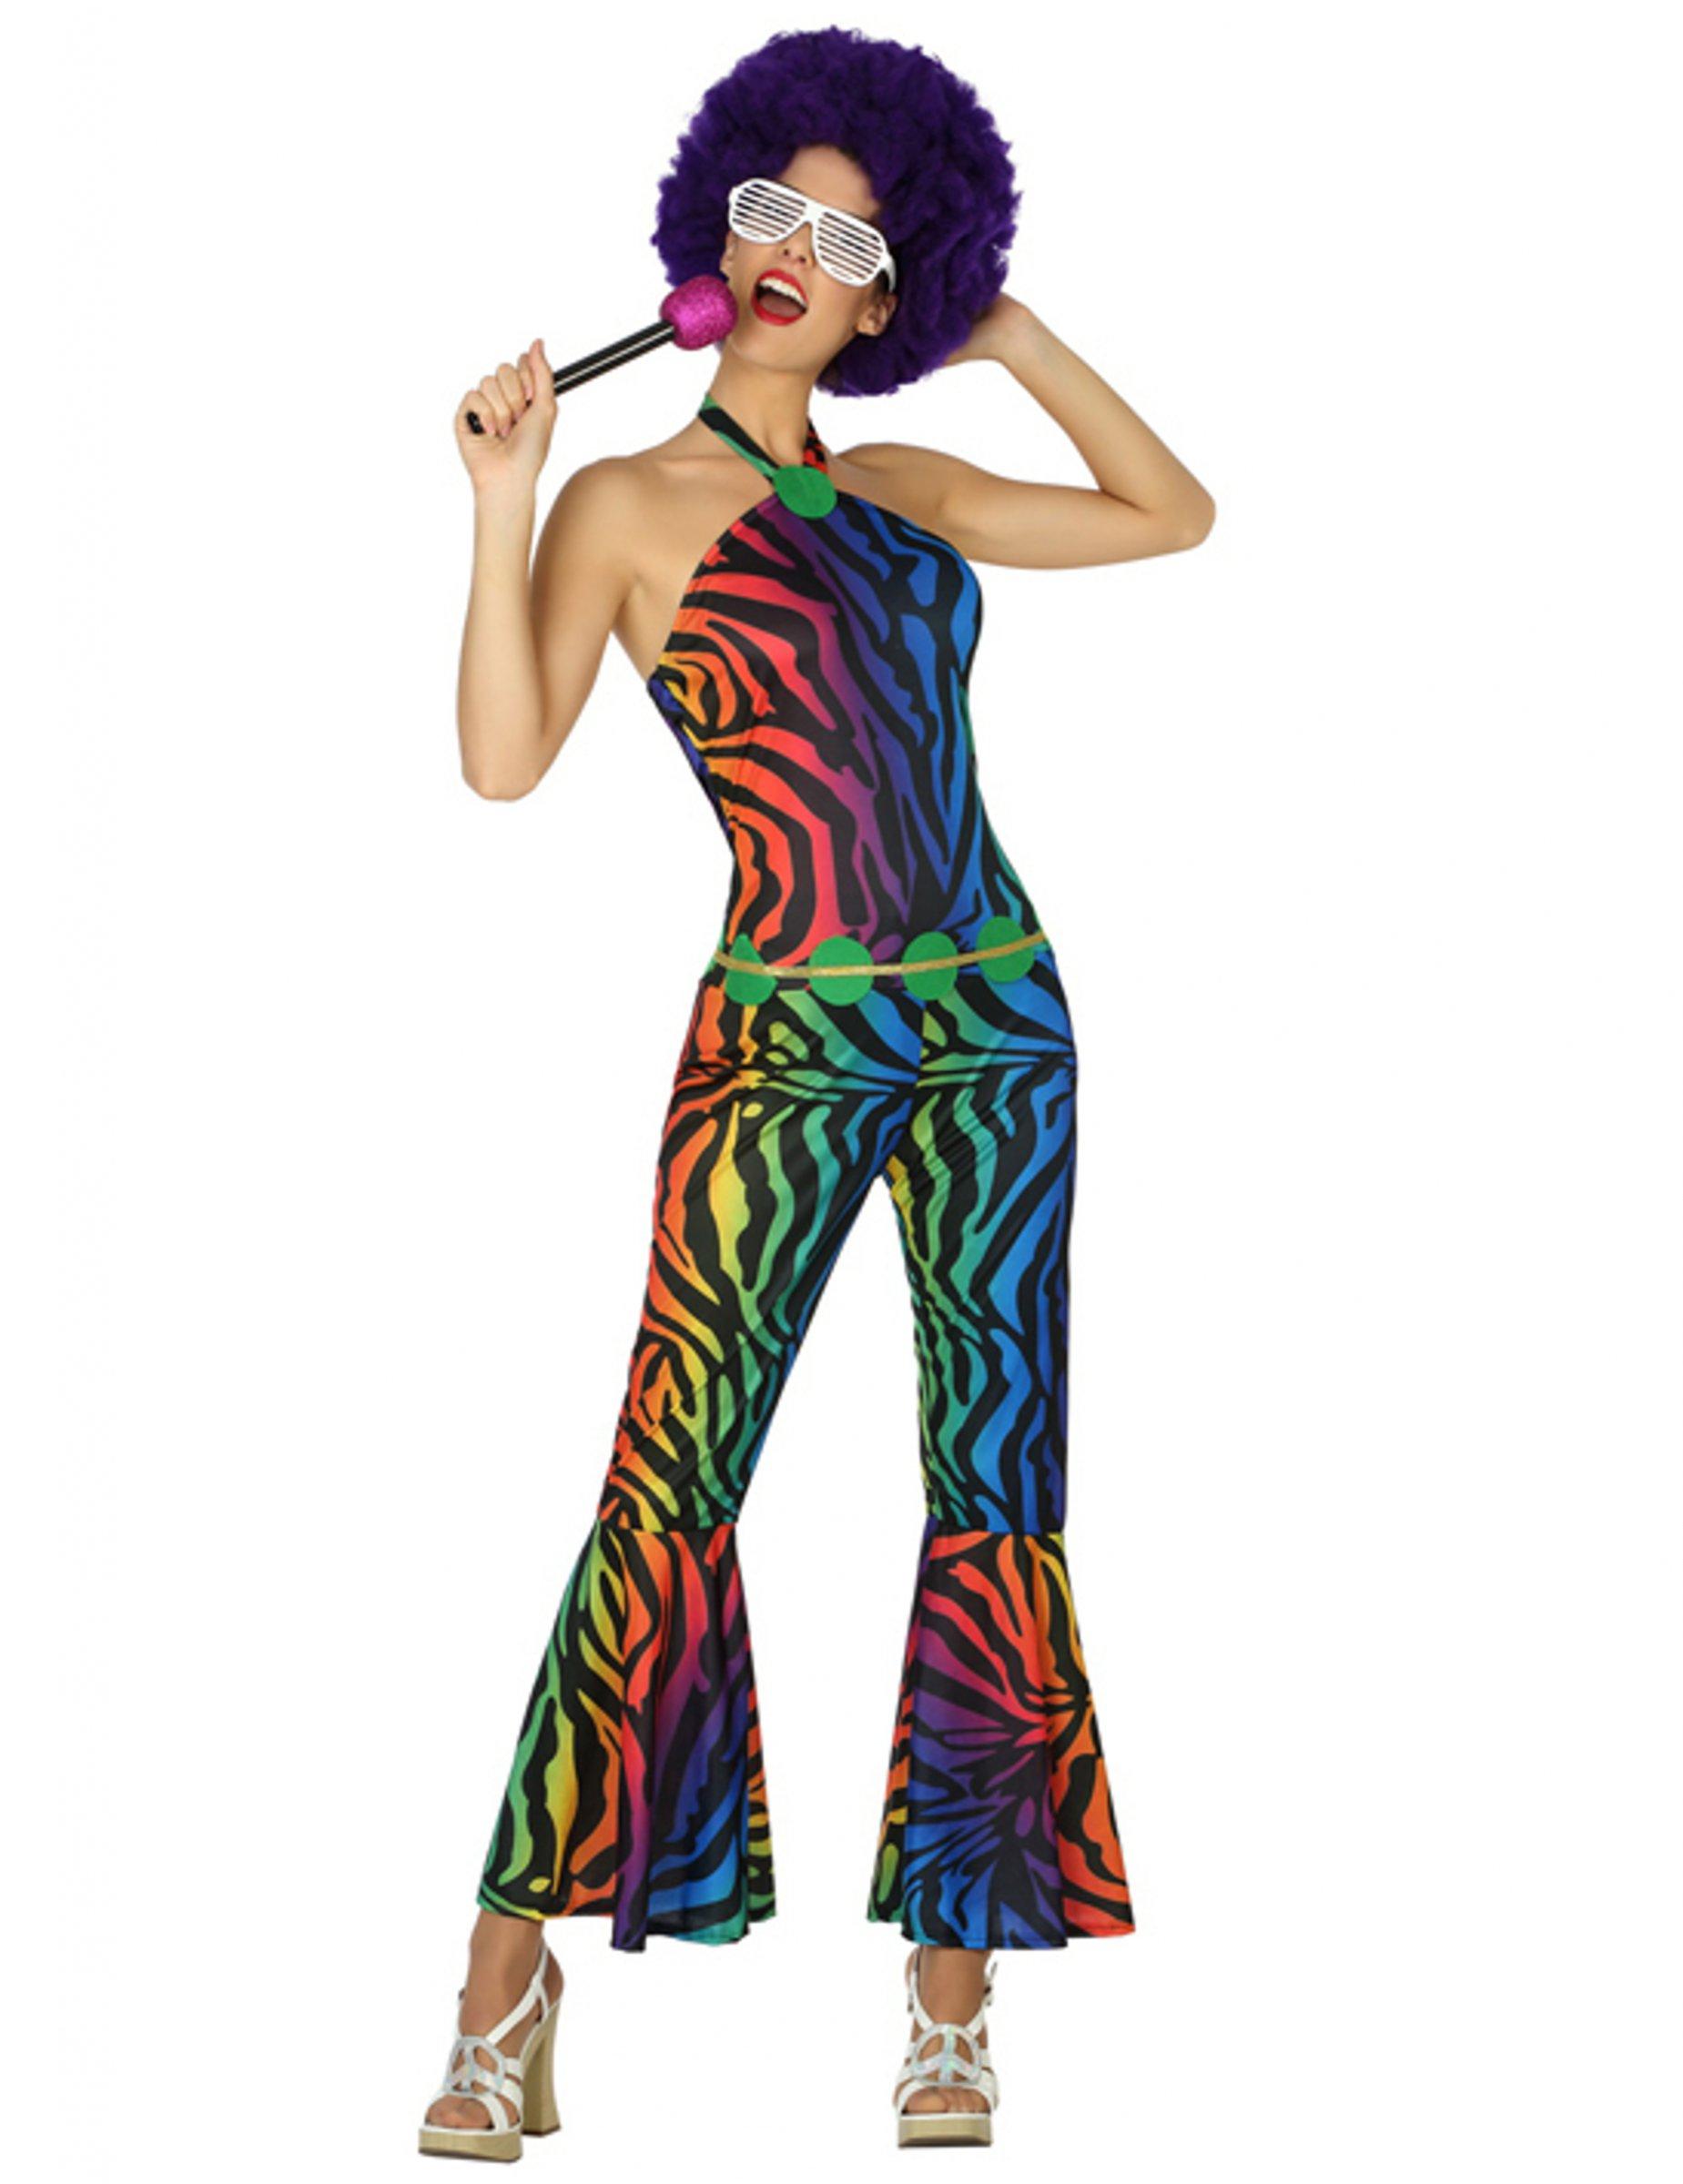 70er jahre disco kost m mit tiger print f r damen bunt. Black Bedroom Furniture Sets. Home Design Ideas